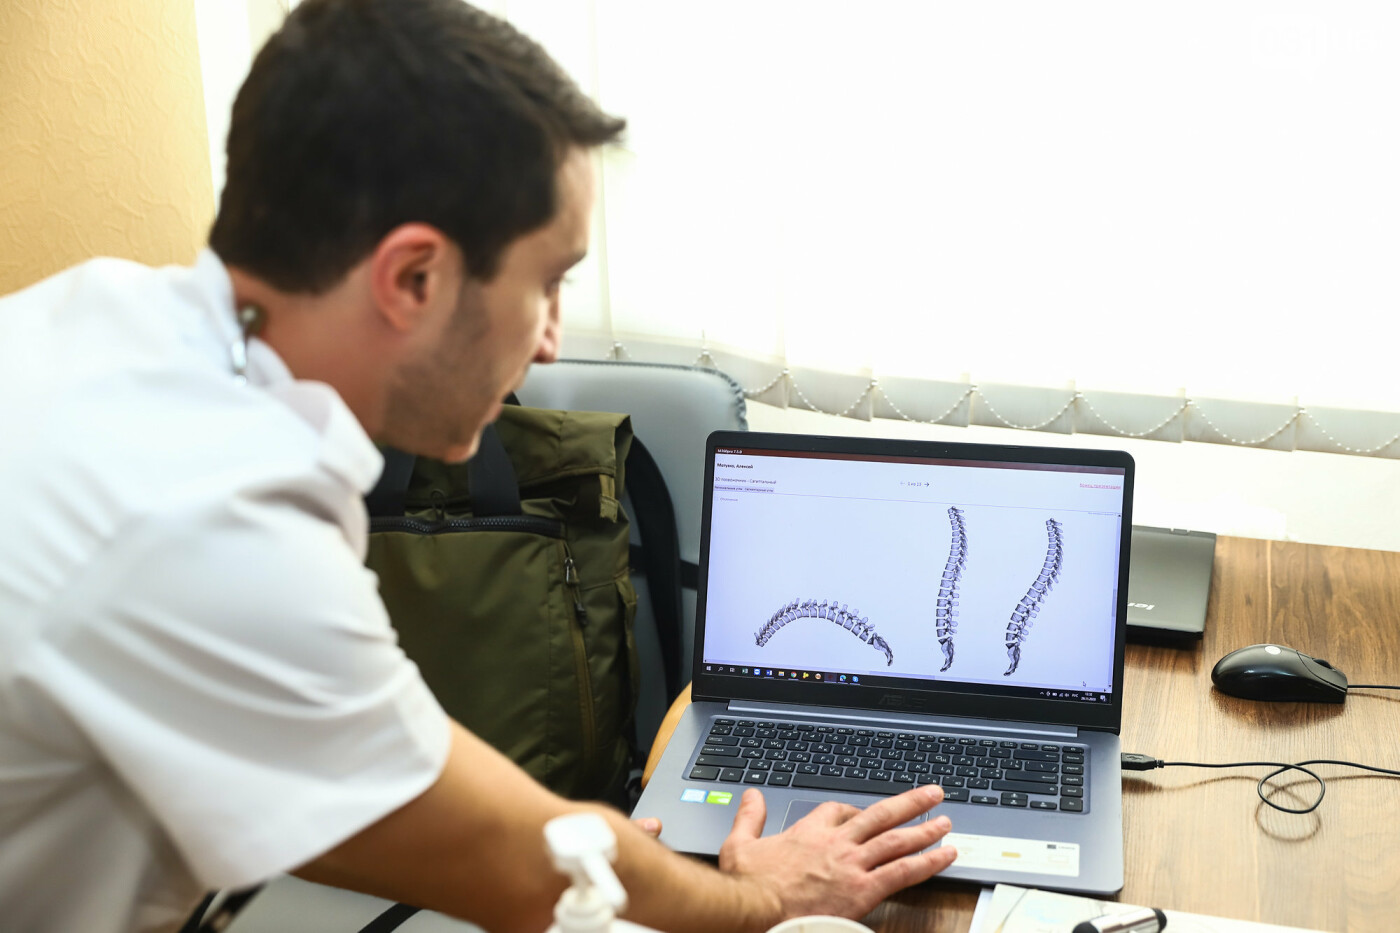 3D-исследование и уникальные тренажеры: как в запорожской клинике OrtoSano лечат болезни позвоночника и суставов, фото-9